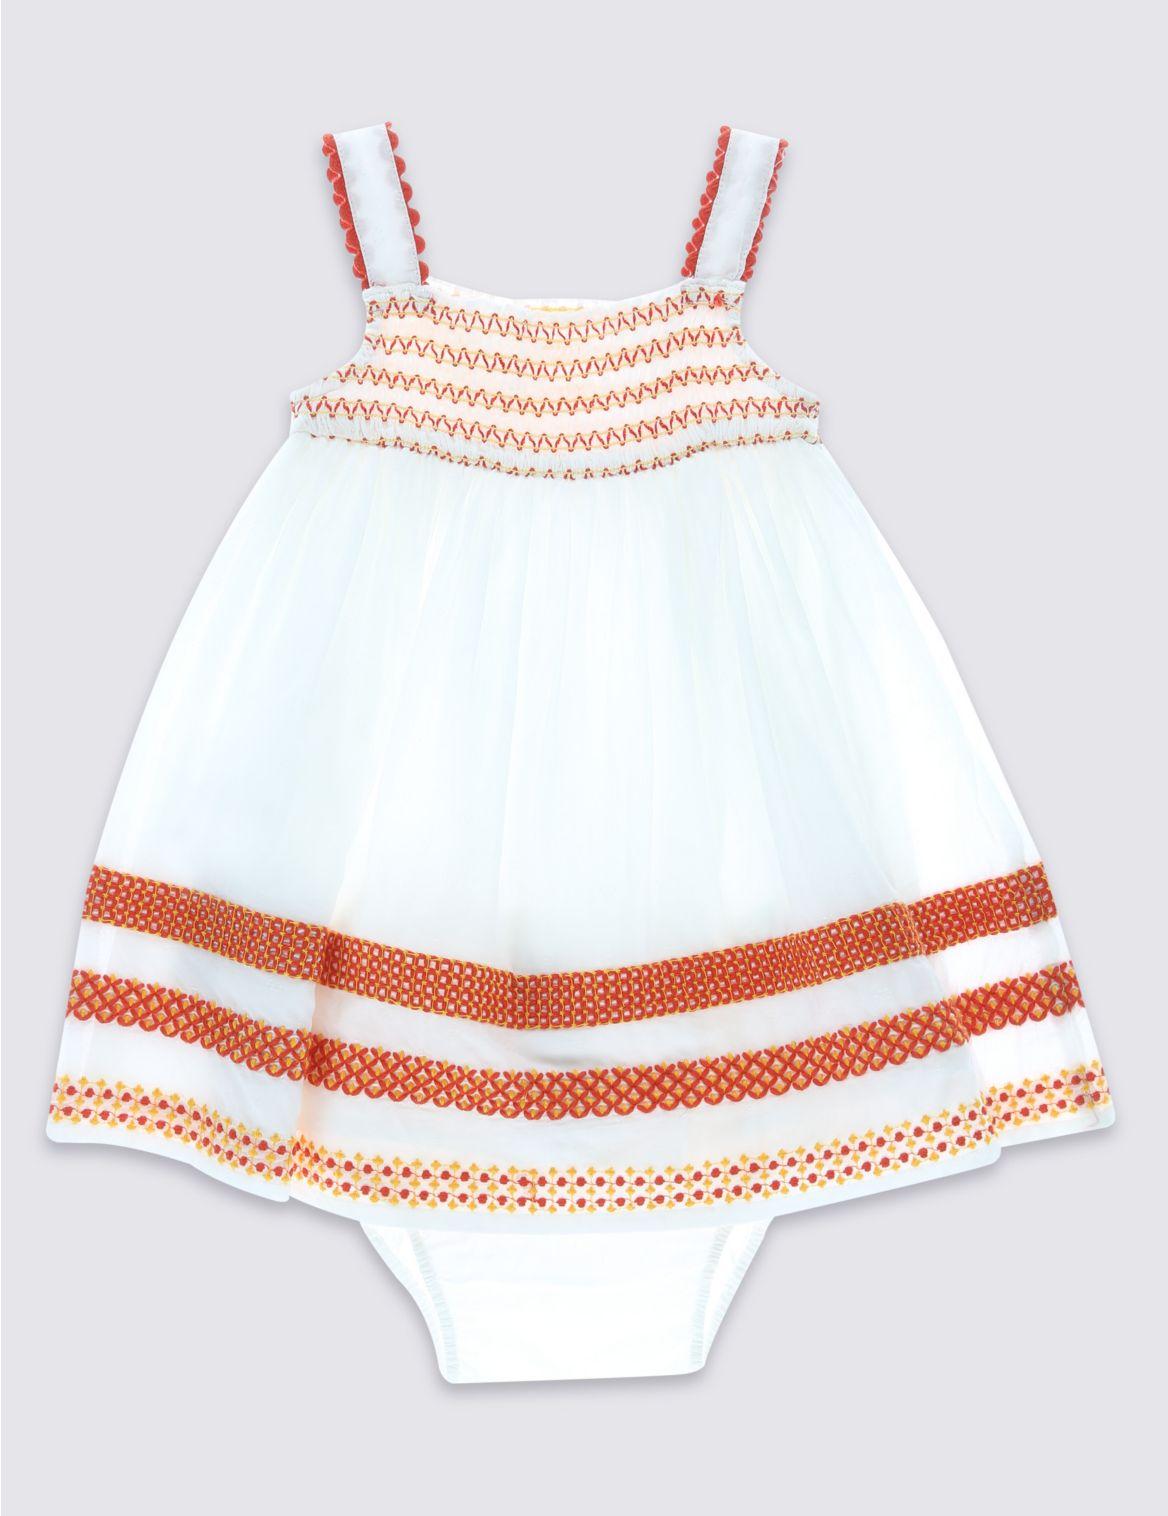 2delige outfit van jurk met